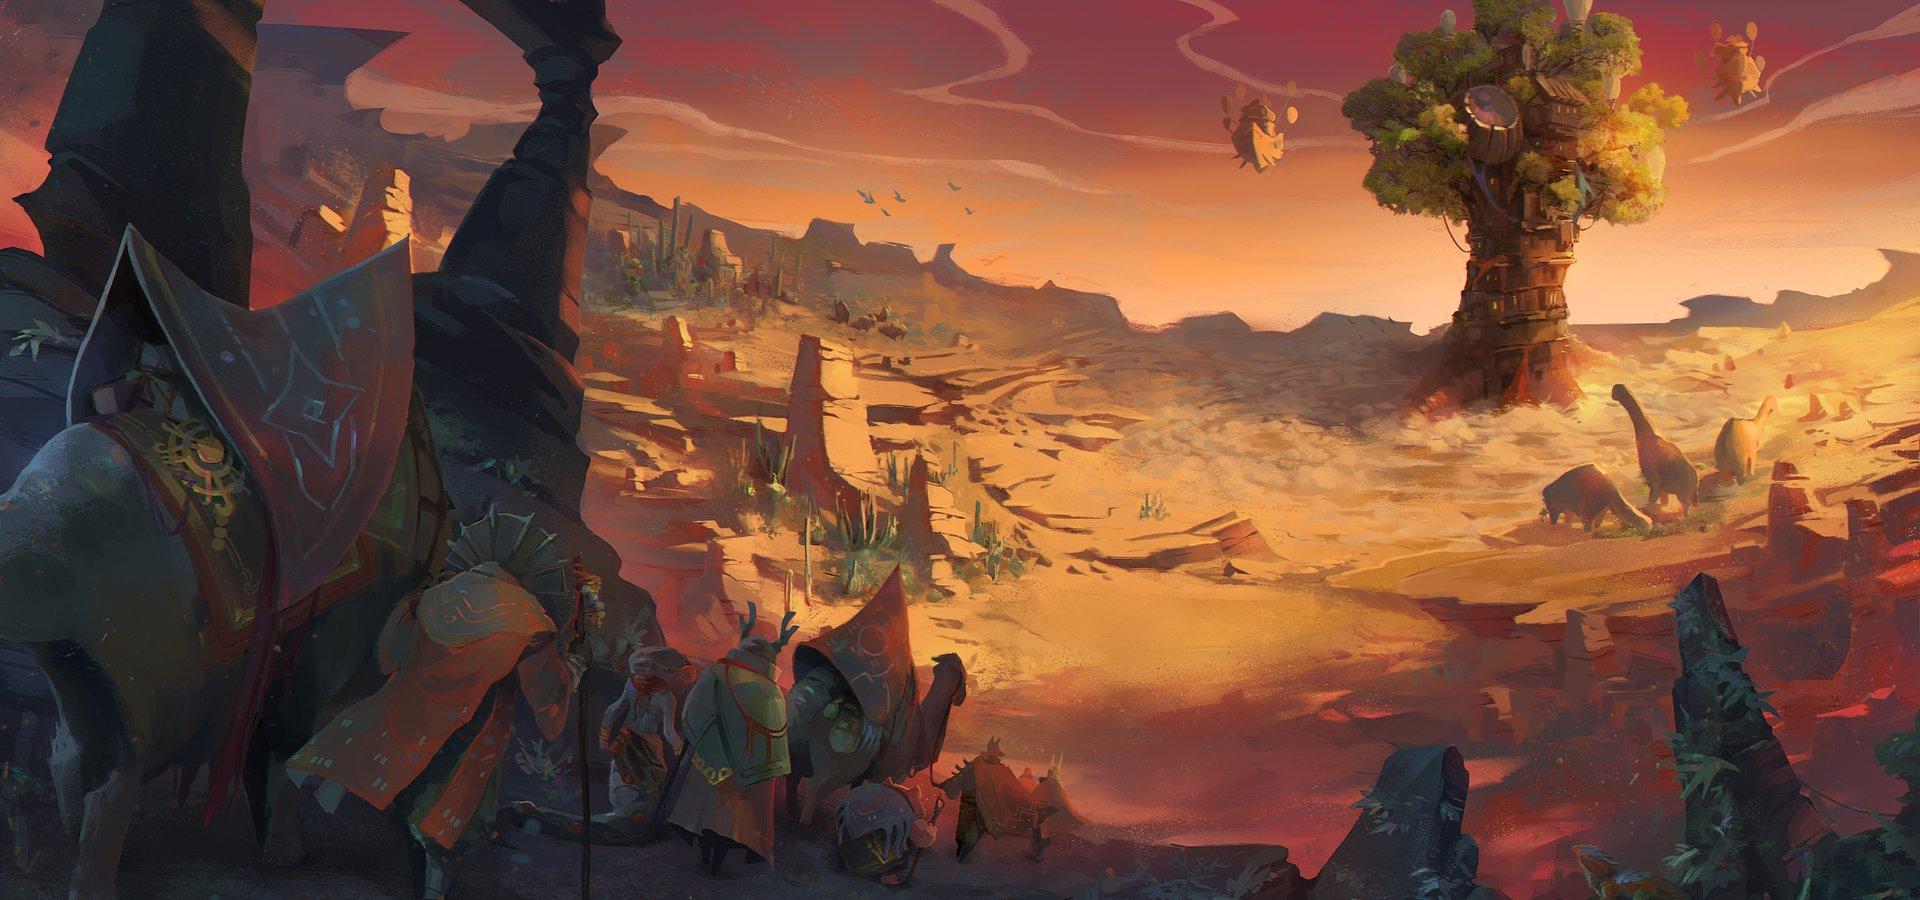 Студия Goblinz представила новые игры Sandwalkers и Oaken в рамках Gamescom Awesome Indies, а также выпустила эксклюзивные трейлеры для Diluvian Winds и Terraformers